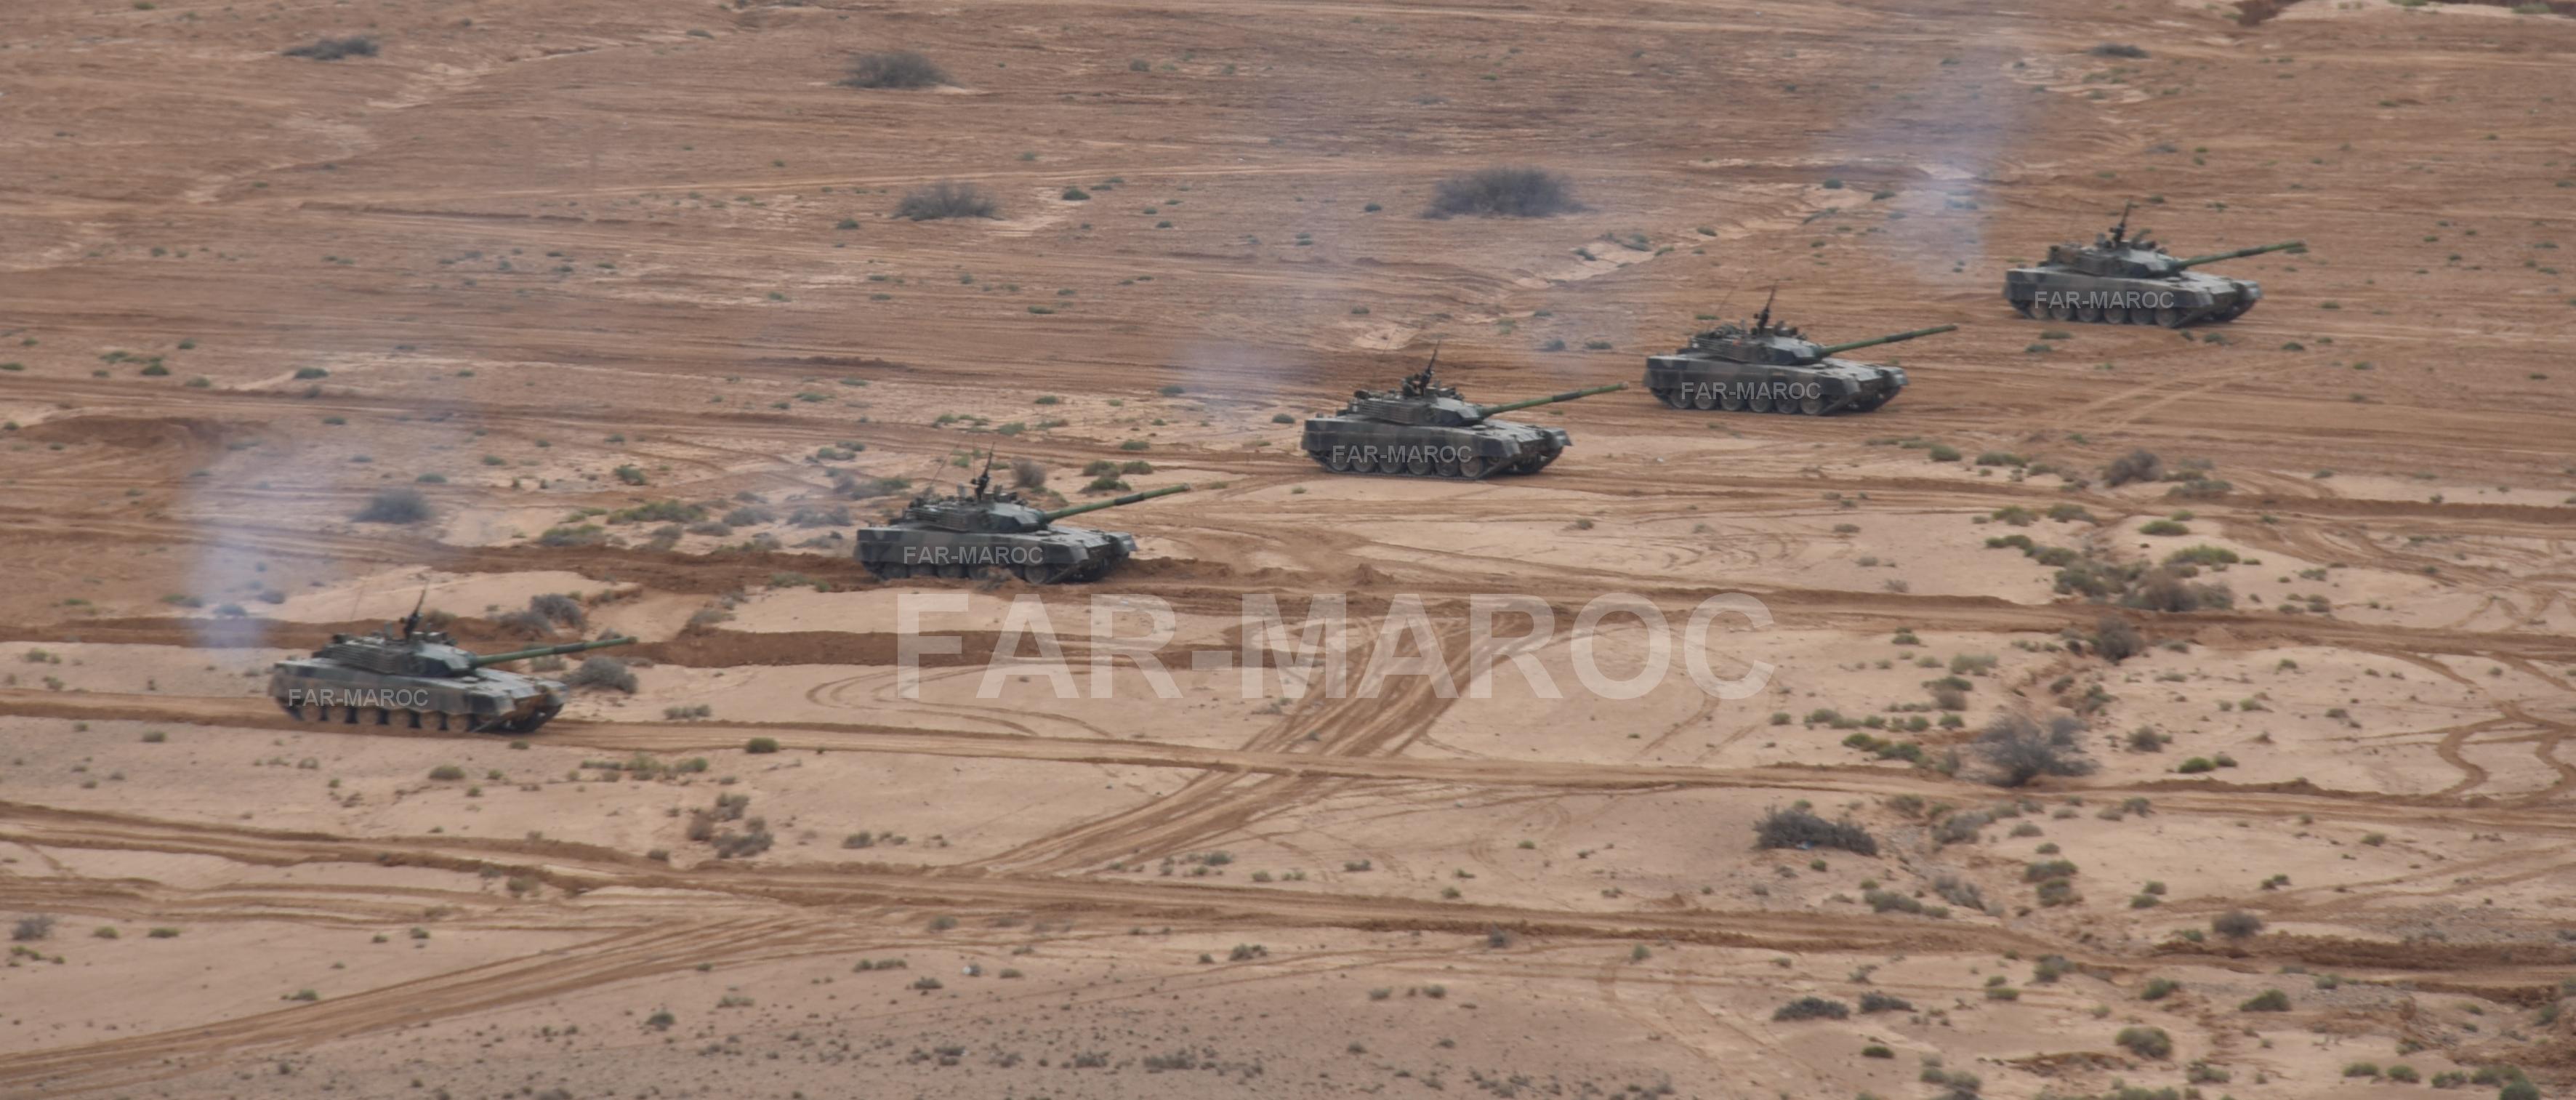 Chars VT-1A Marocains / Moroccan VT-1A MBT - Page 31 49151470407_9385c5a52a_o